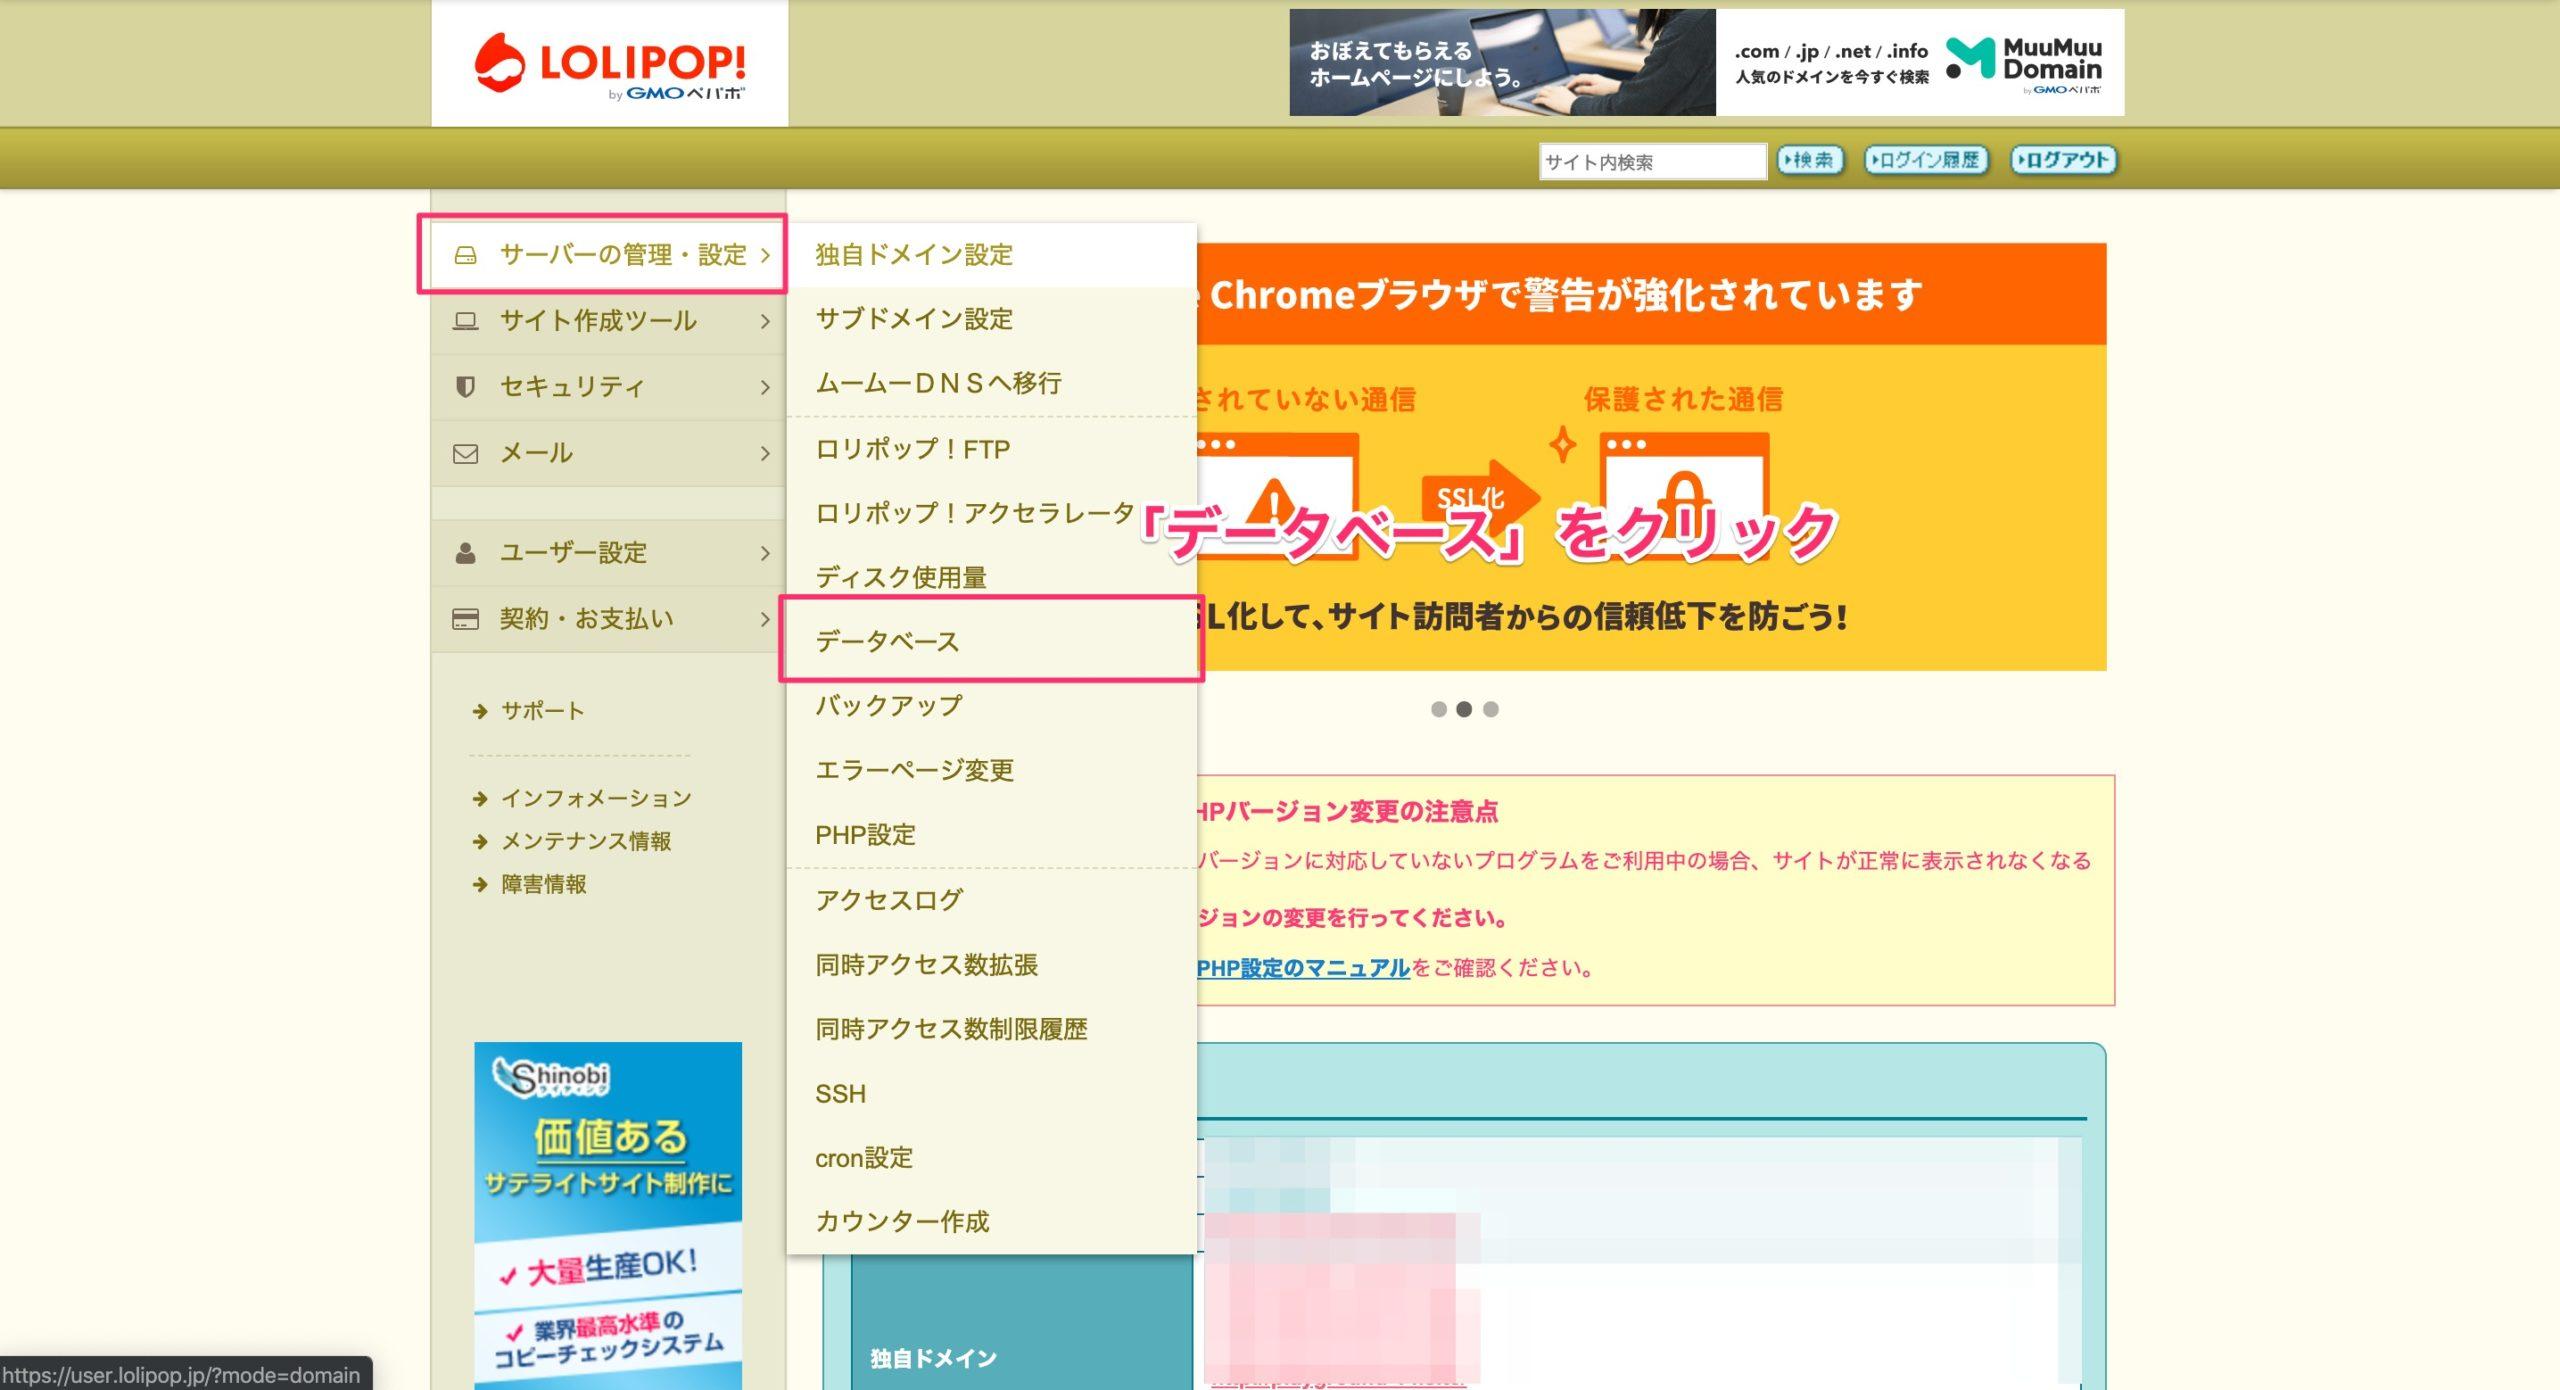 ロリポップ!ユーザー専用ページ データベースボタン